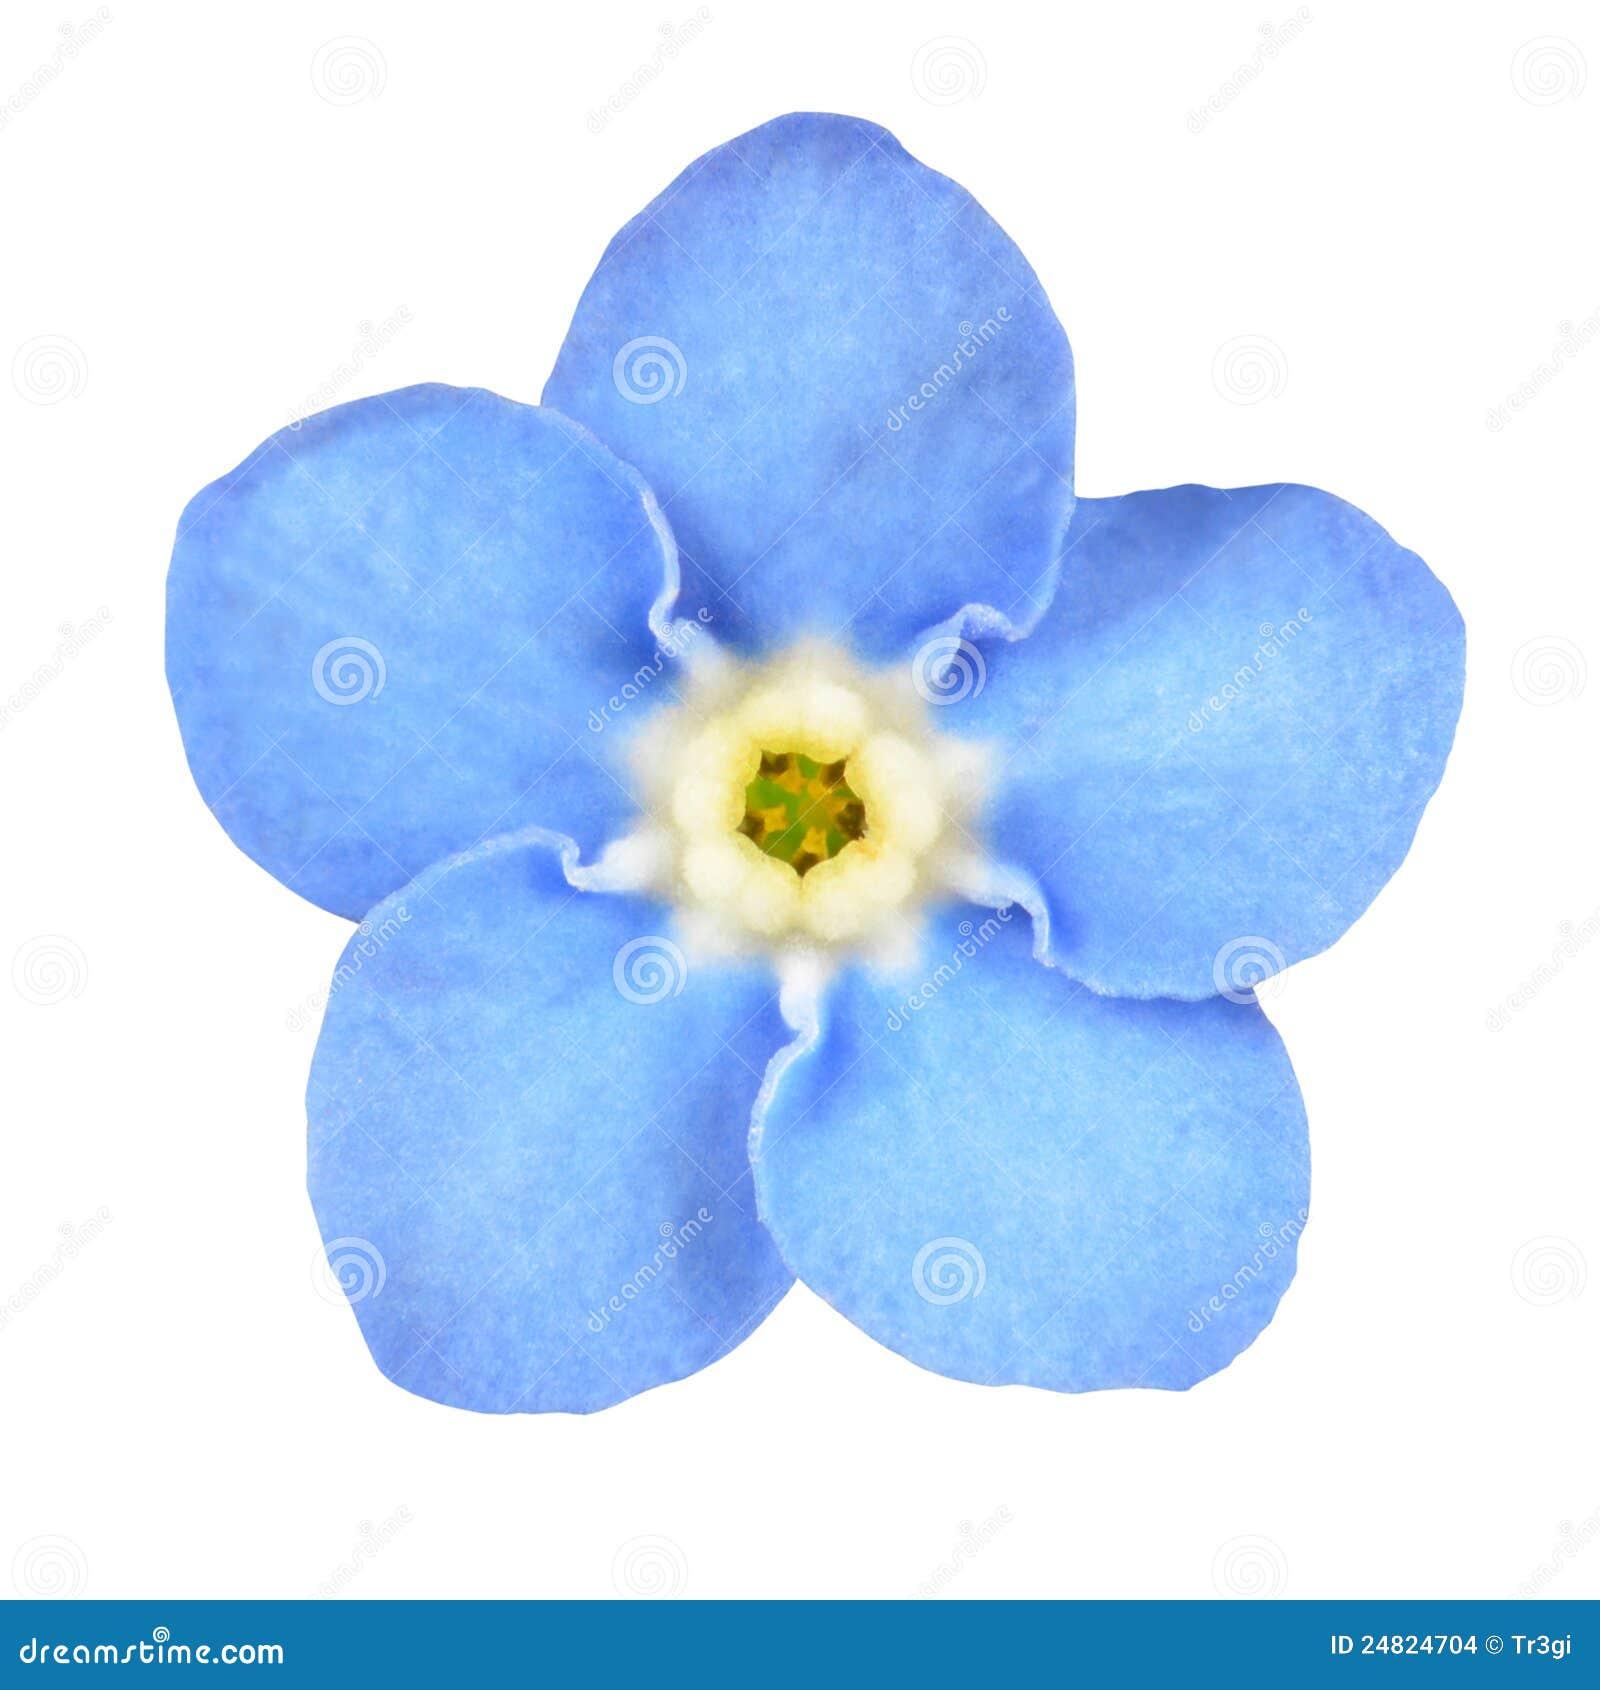 vergissmeinnicht blaue blume getrennt auf wei stockfoto bild von frech nave 24824704. Black Bedroom Furniture Sets. Home Design Ideas